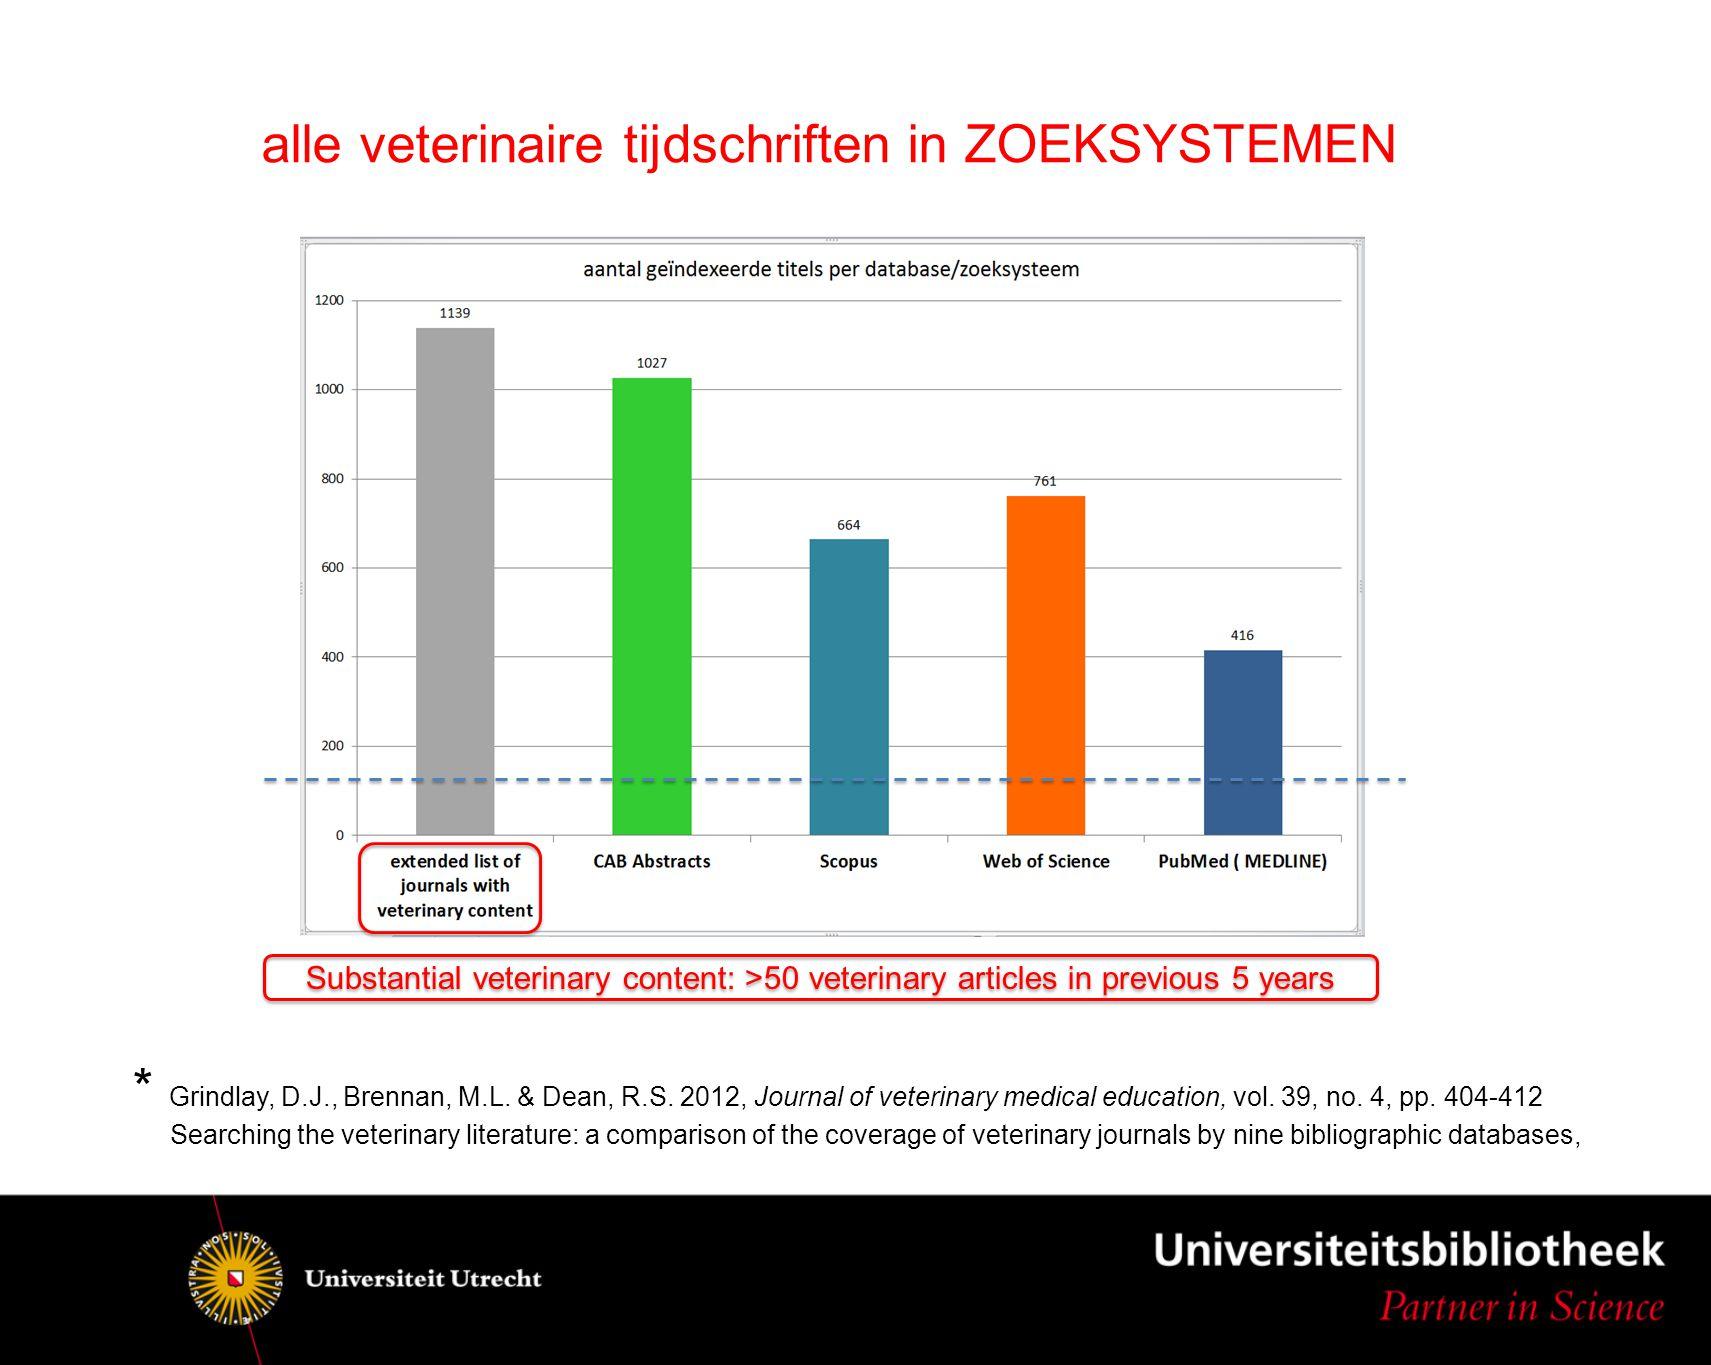 Substantial veterinary content: >50 veterinary articles in previous 5 years alle veterinaire tijdschriften in ZOEKSYSTEMEN